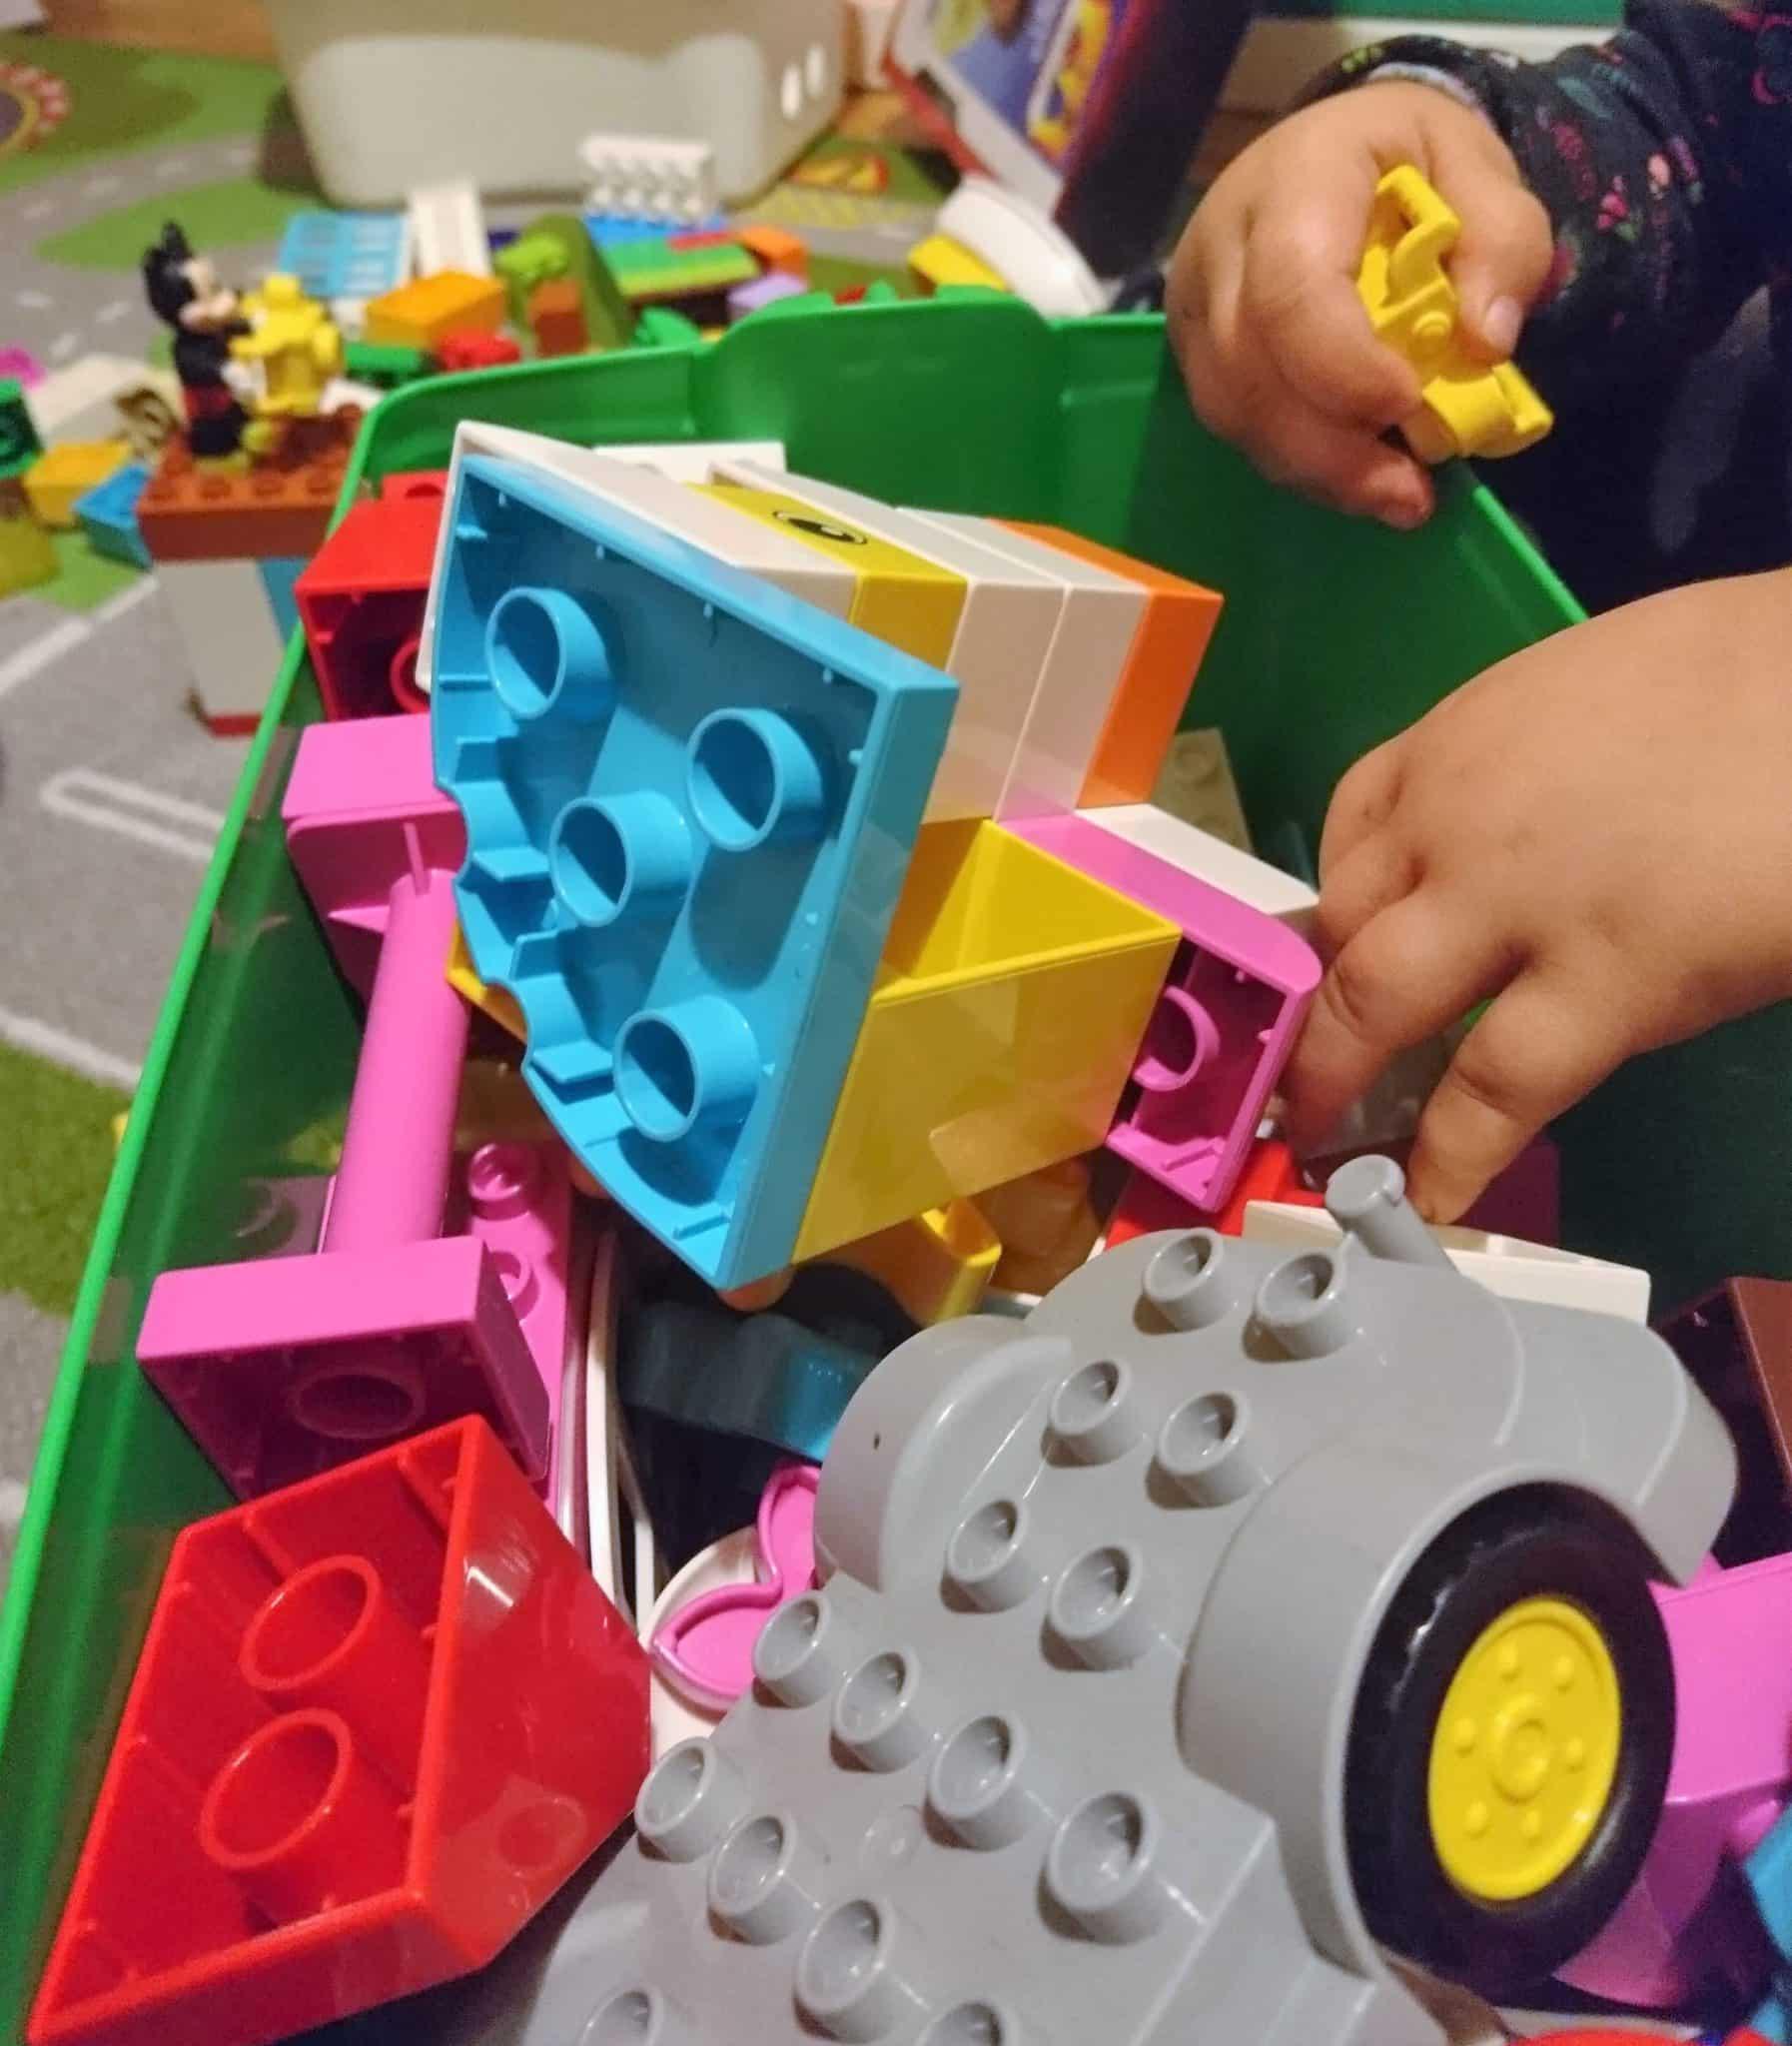 Gefahr_Lego_Kleinkind